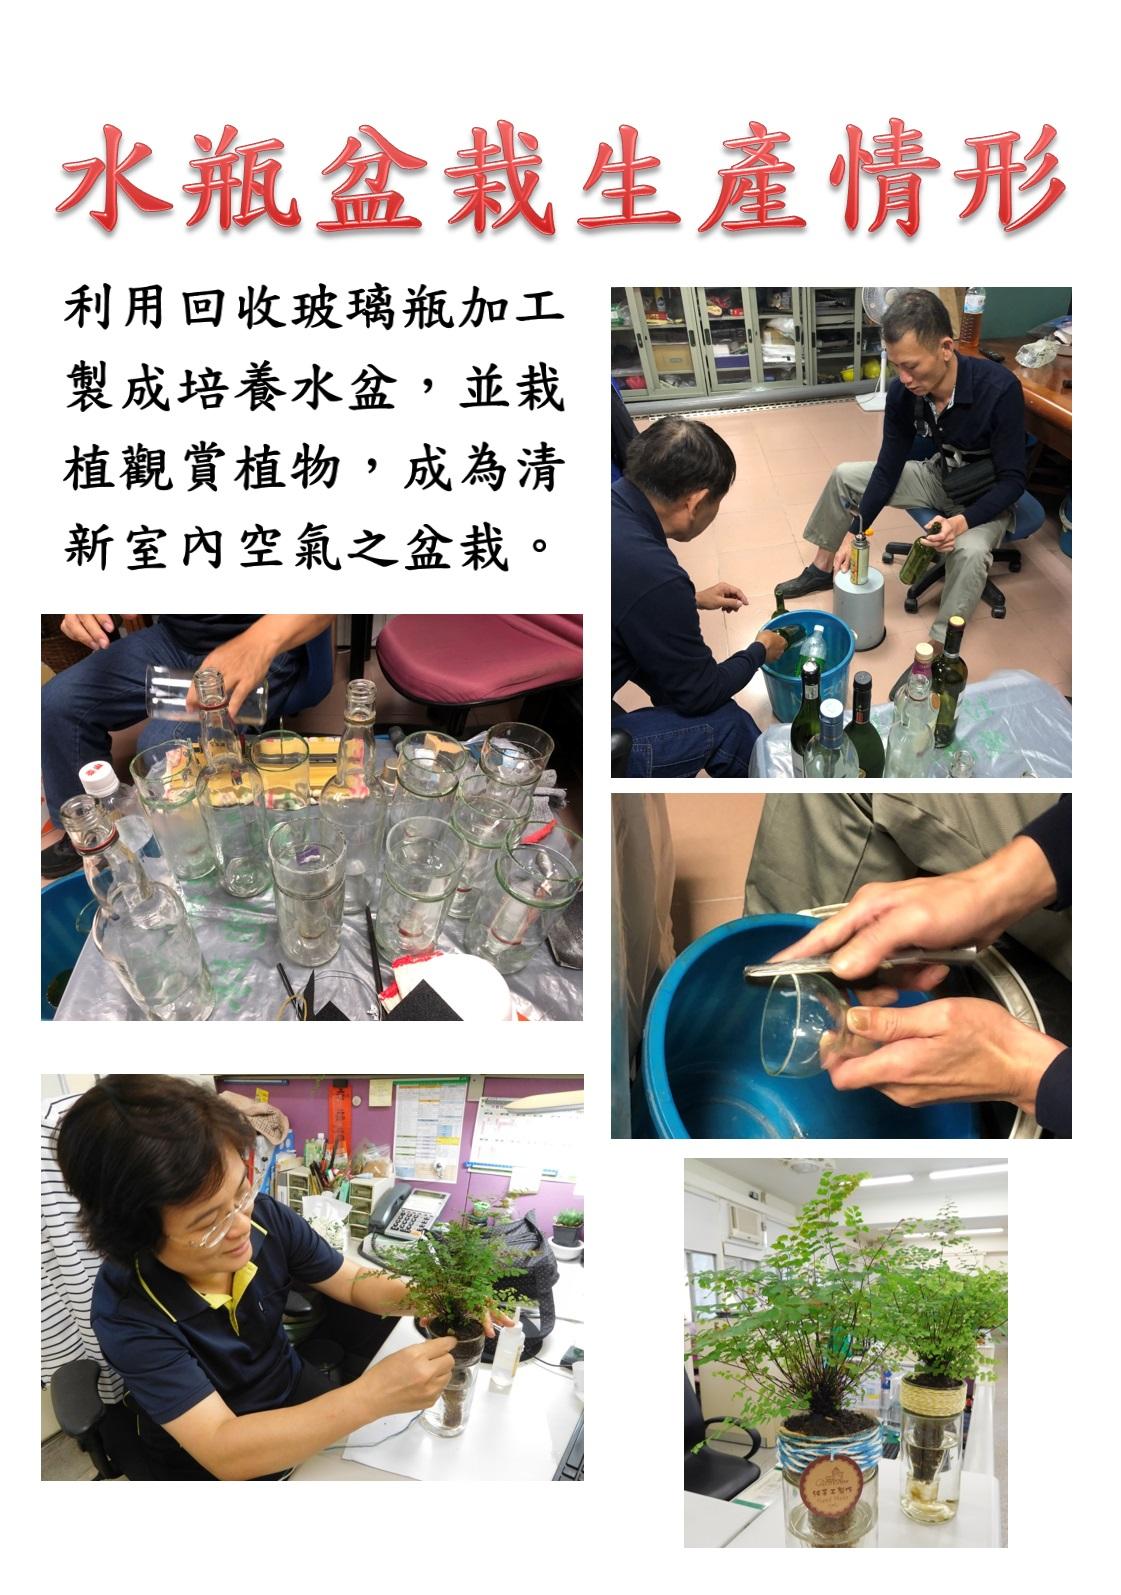 水瓶盆栽生產介紹-連玻璃杯都是事務組自己切割打磨的!!